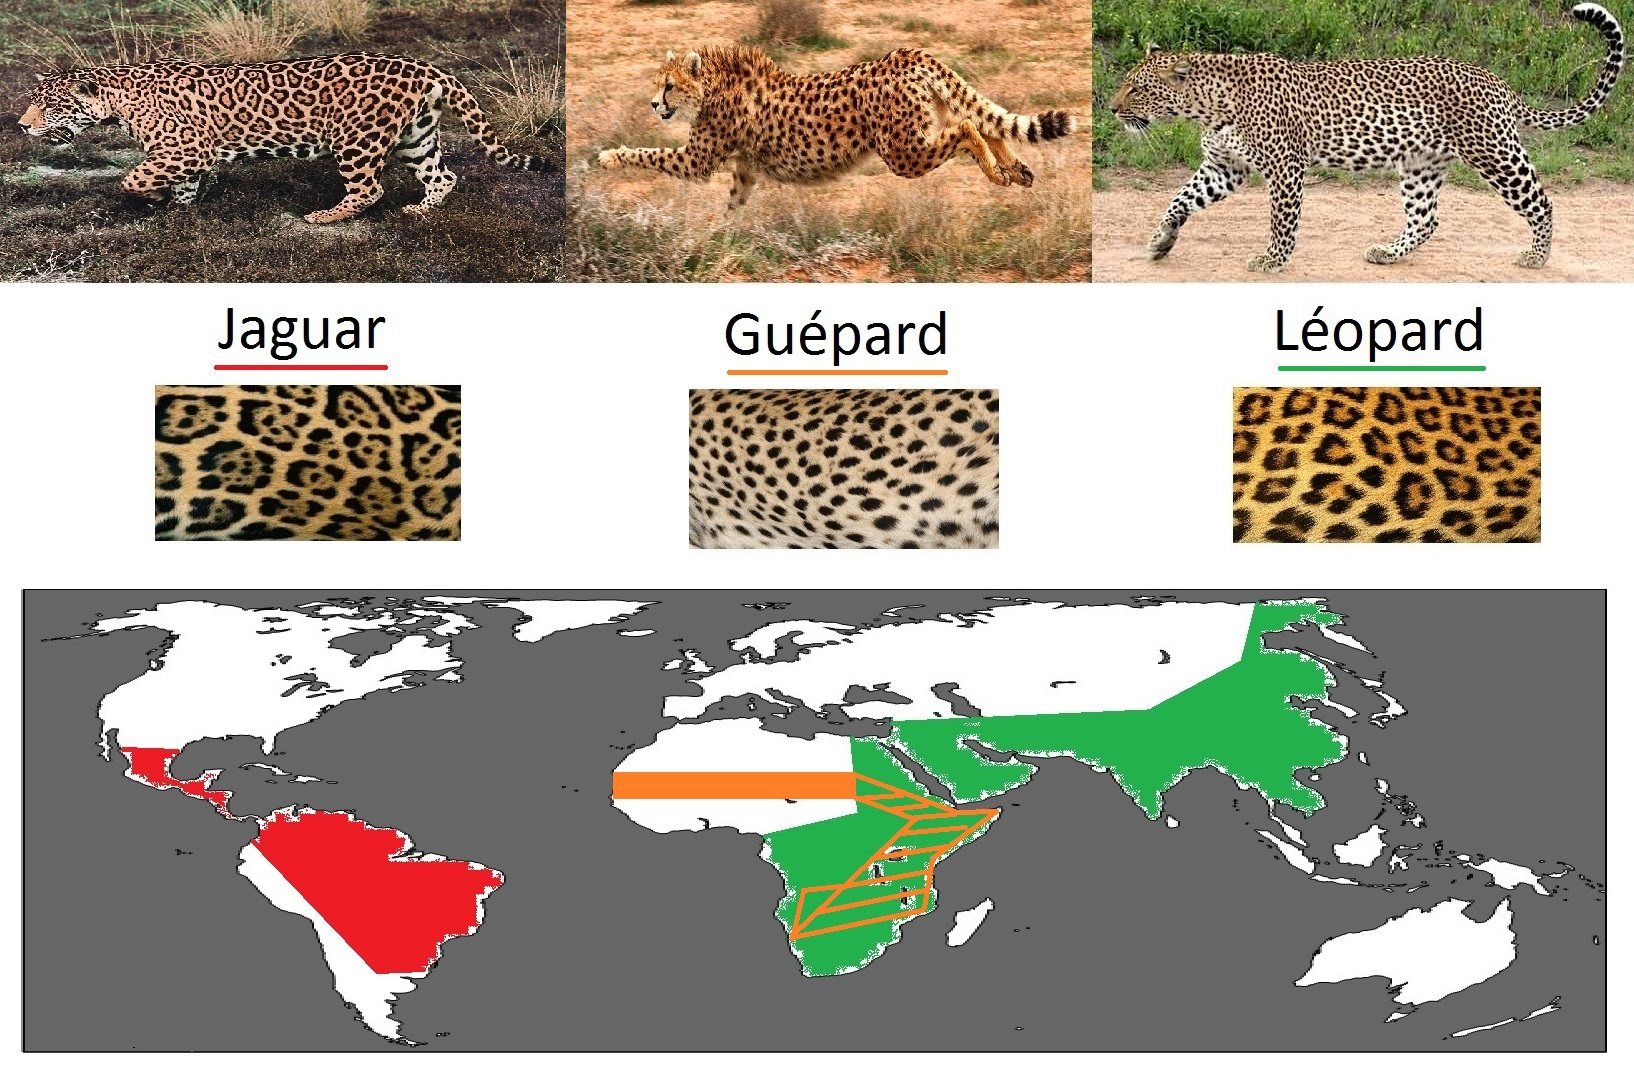 léopard_jaguar_guépard_répartition_pelage_différence